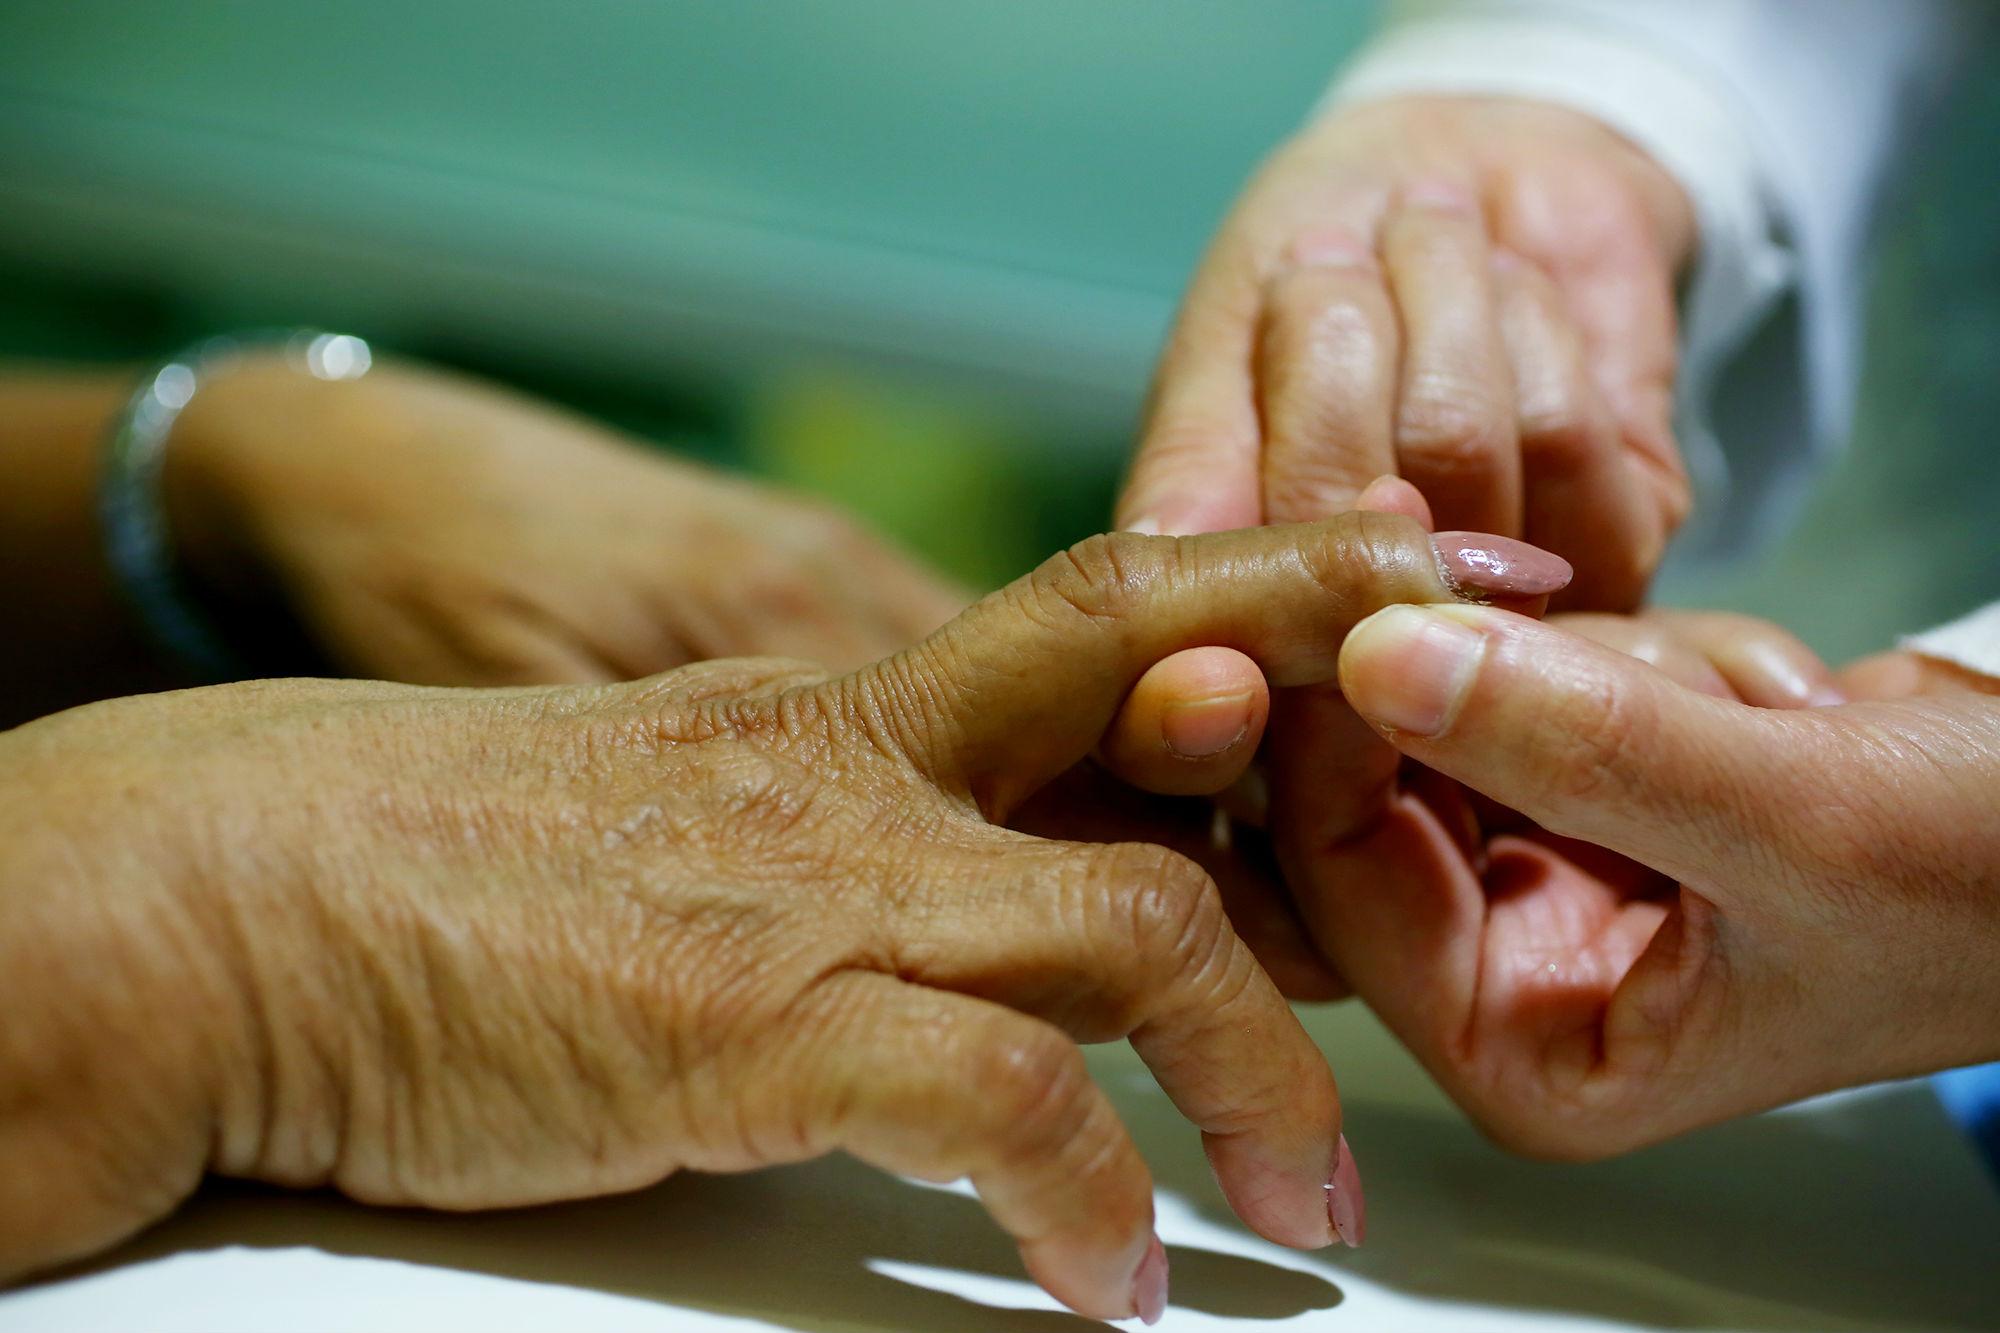 Las enfermedades reumáticas son la principal causa de incapacidad permanente